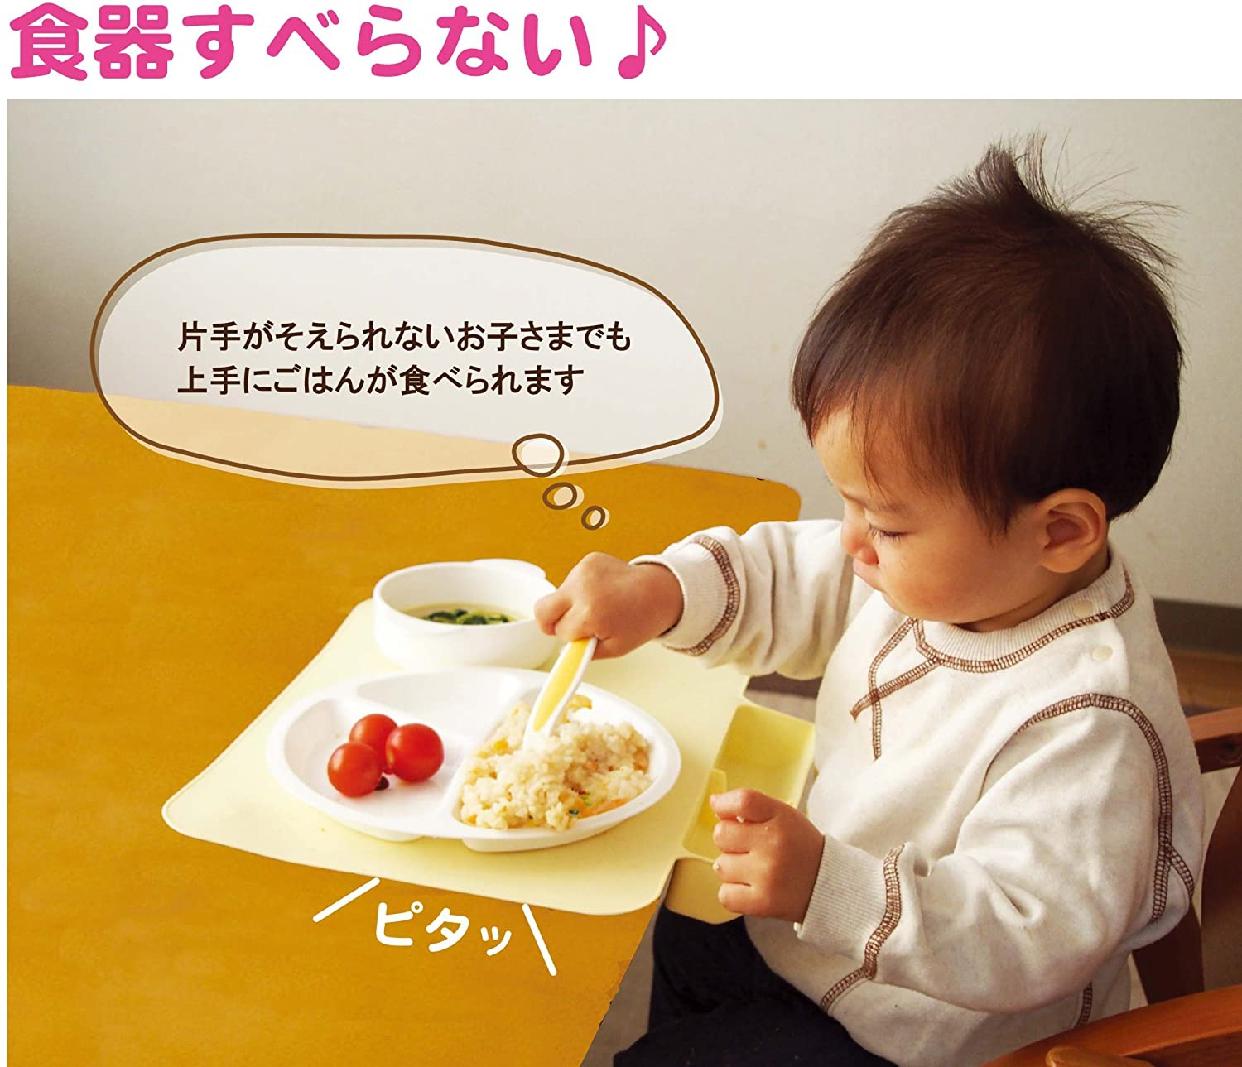 わんわんベビー ポケット付きお食事マット イエローの商品画像4